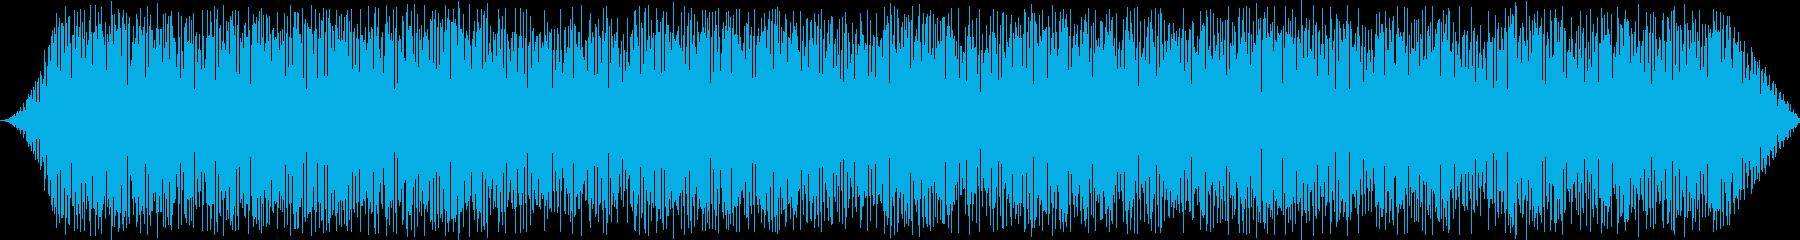 重機またはフライトエアフラッターの再生済みの波形